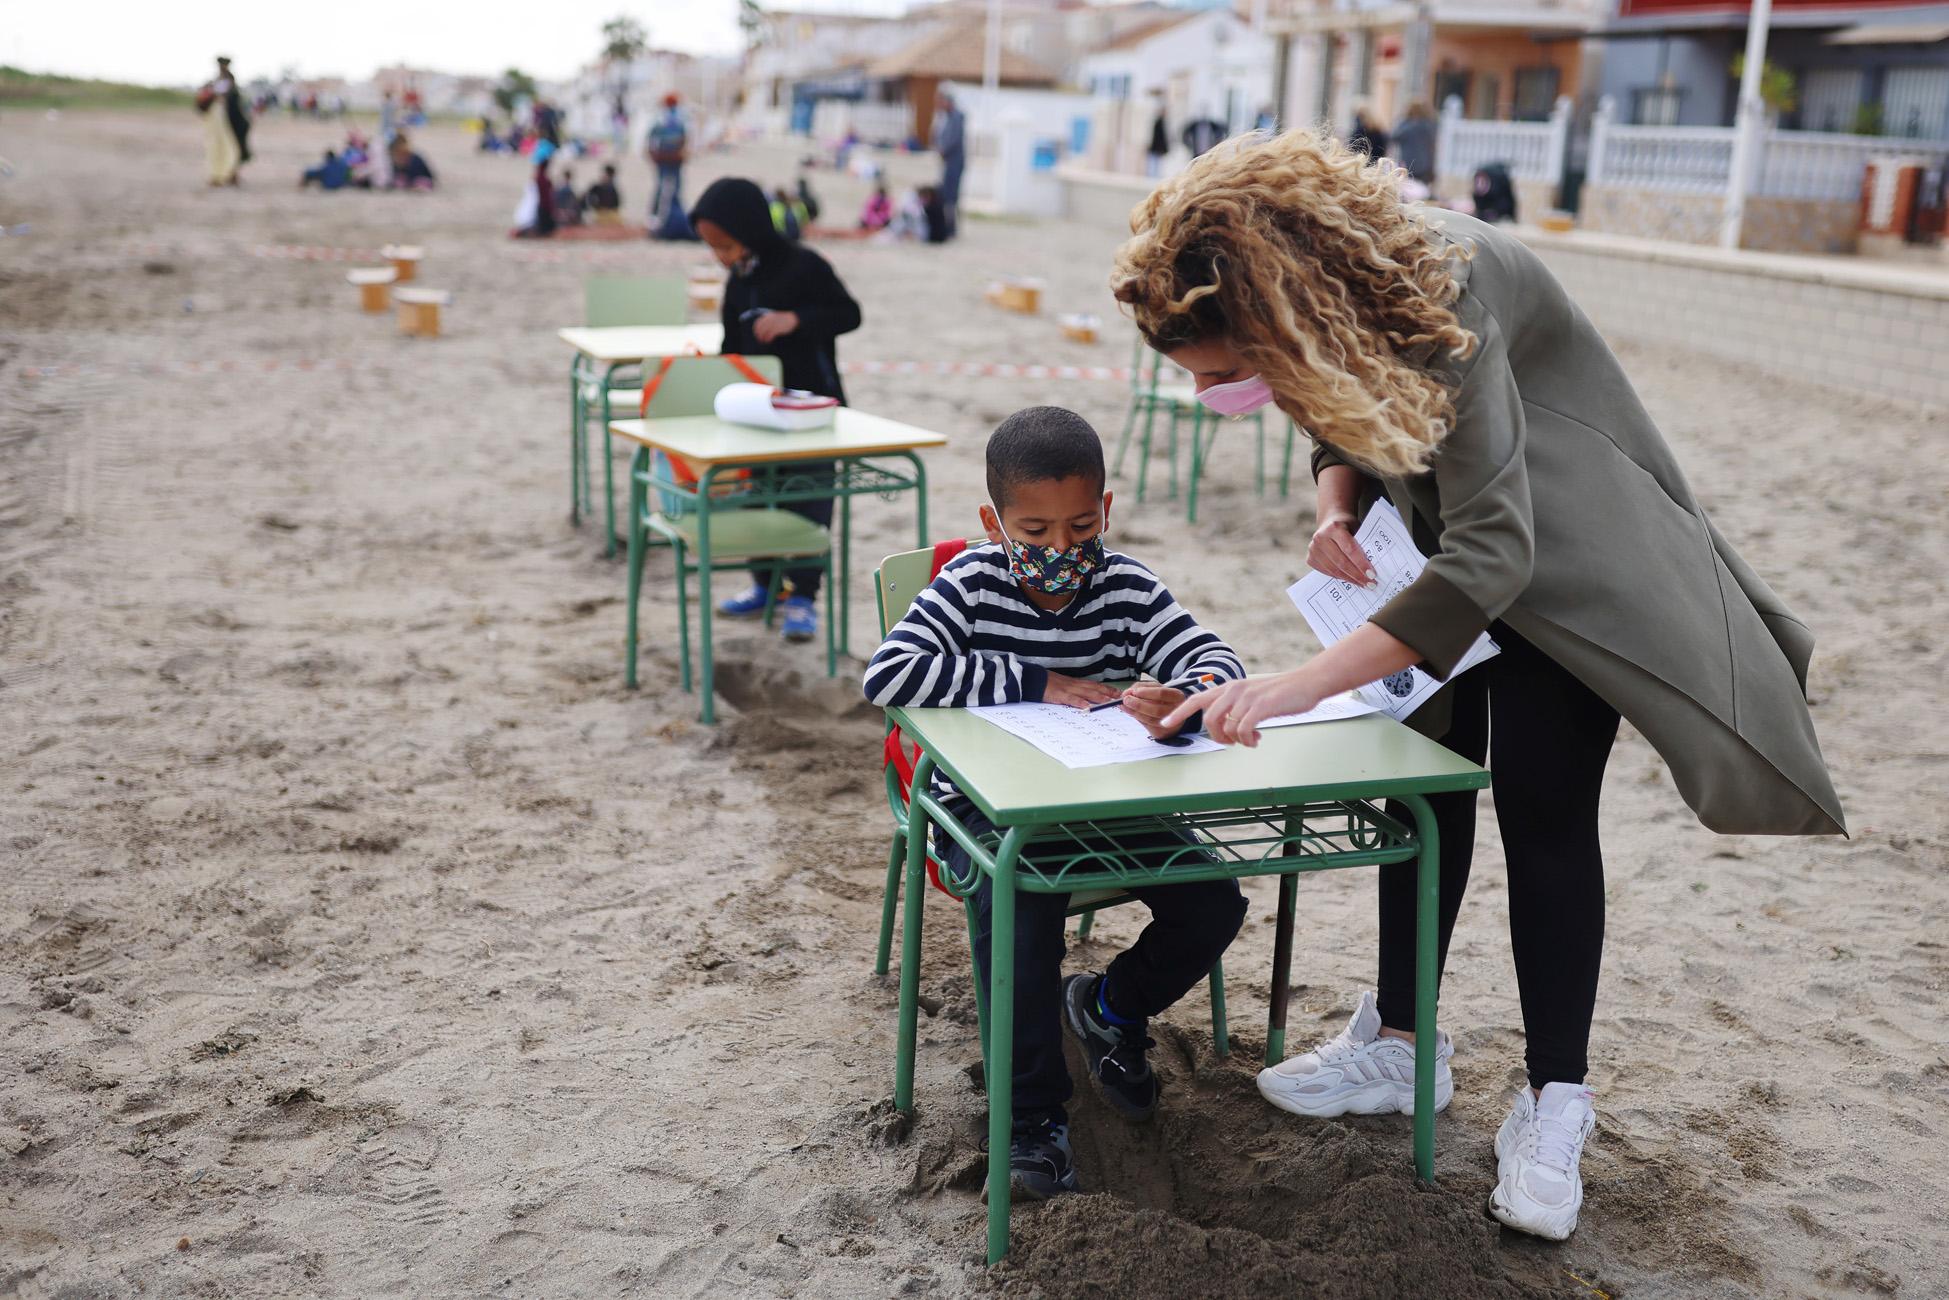 Ισπανία: Ένα σχολείο μεταφέρει τάξεις και μαθήματα στην παραλία